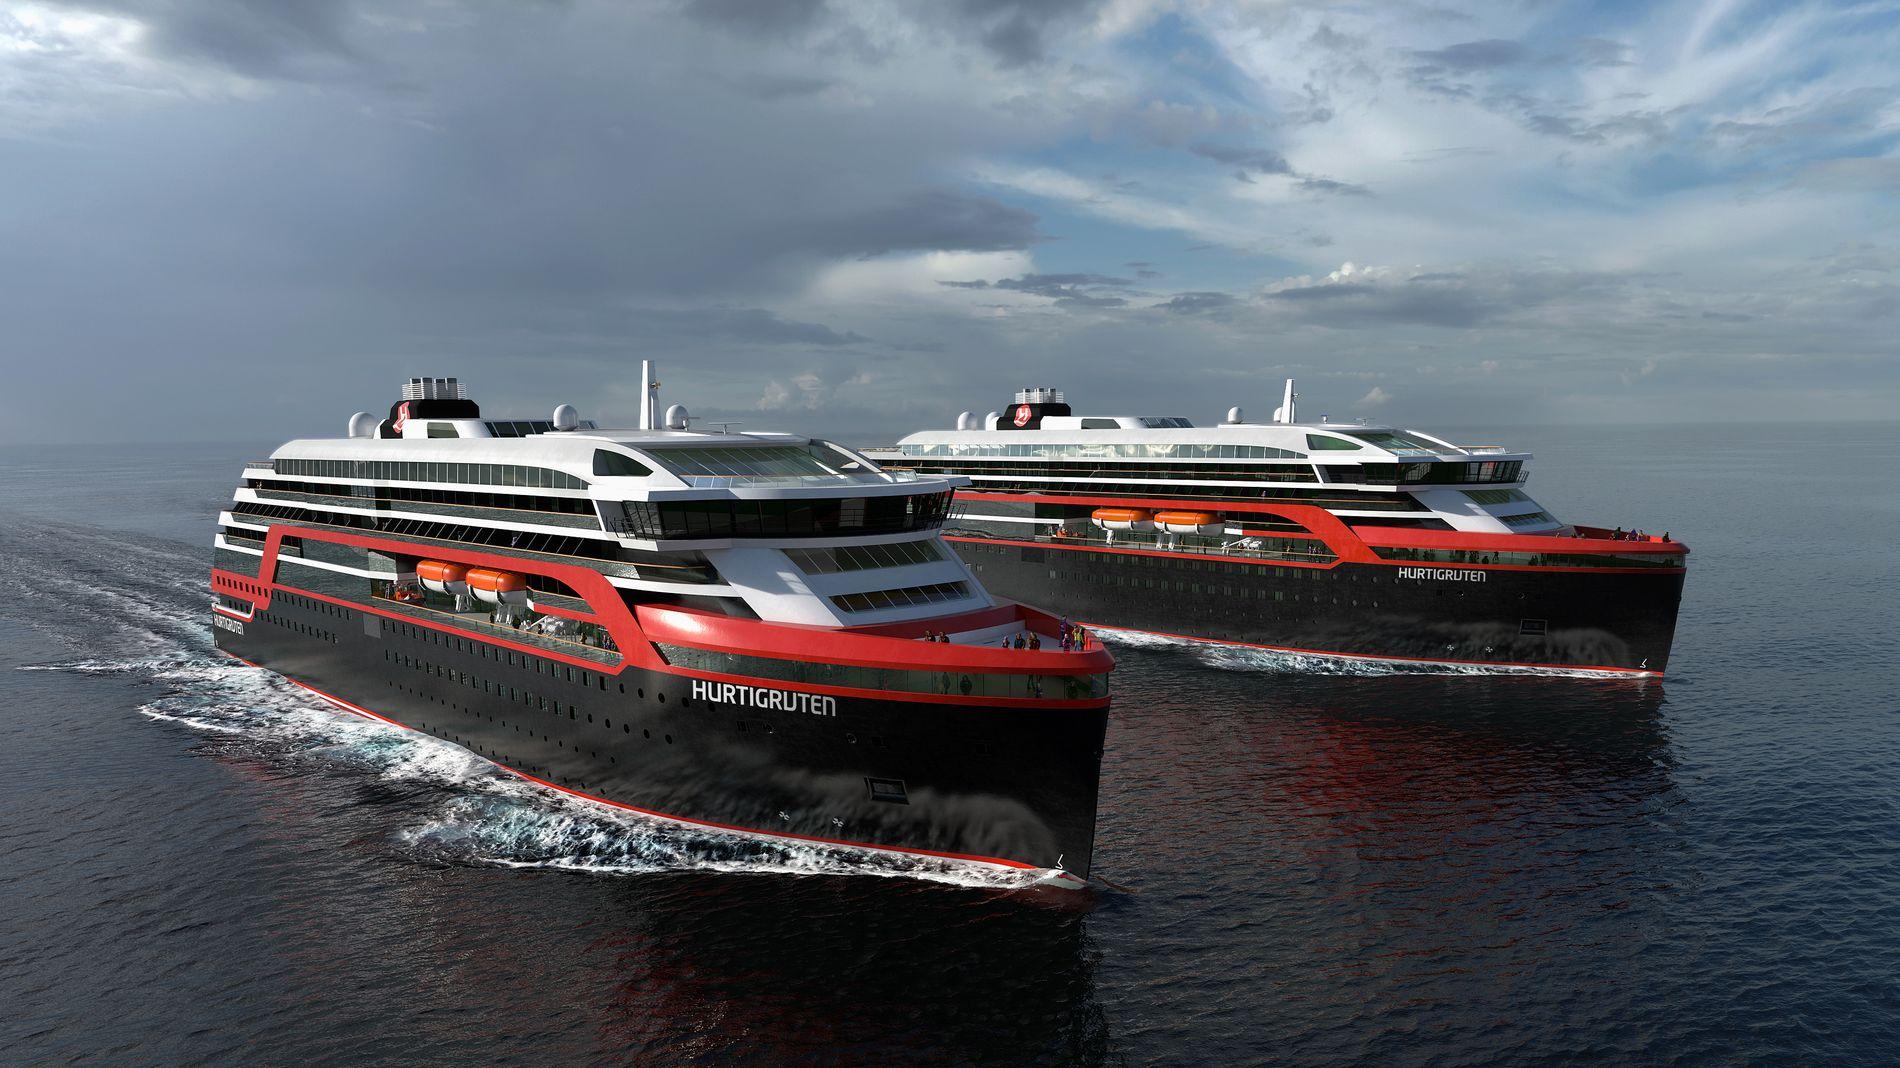 KAN BLI FIRE: Illustrasjonsbilde av de nye Hurtigrute skipene. Torsdag offentliggjorde Hurtigruten og Kleven en intensjonsavtale om å bygge to nye hurtigruter som skal leveres i 2018 og 2019.